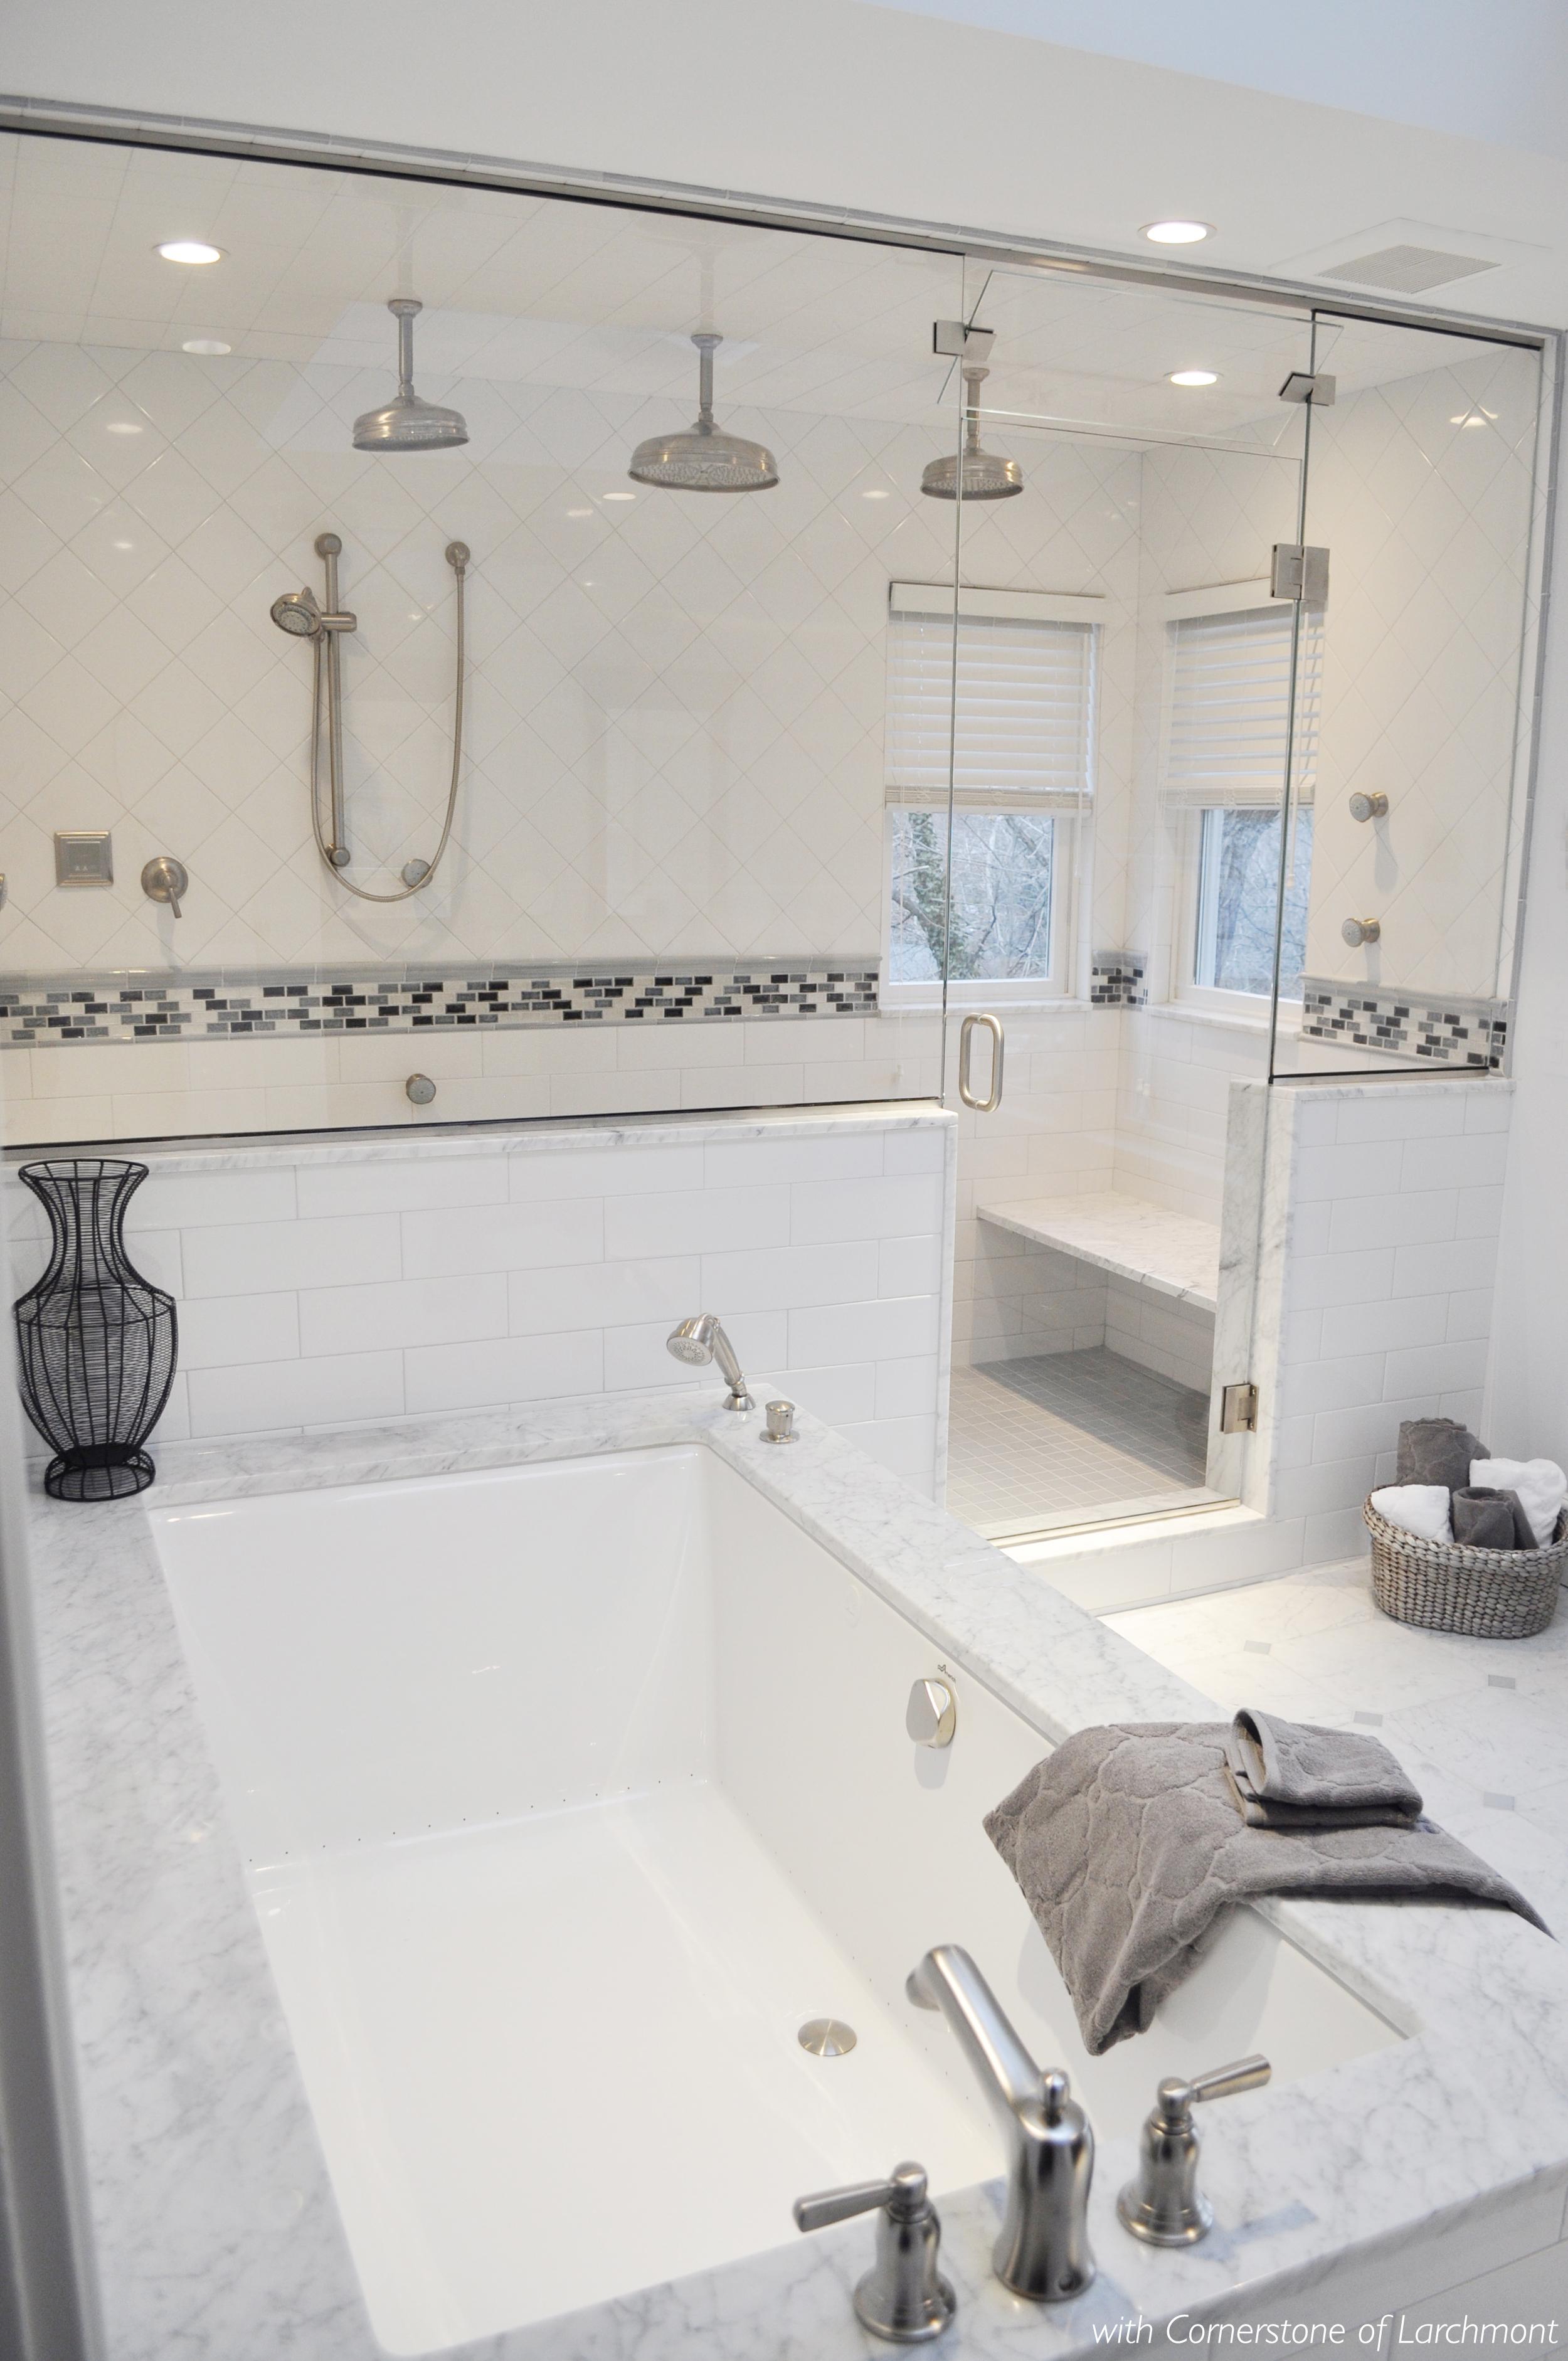 Kim Annick Mitchell_Interior Designer_Larchmont Master Bathroom_Marble Bathroom_White Tile_Tub_Steam Shower.jpg